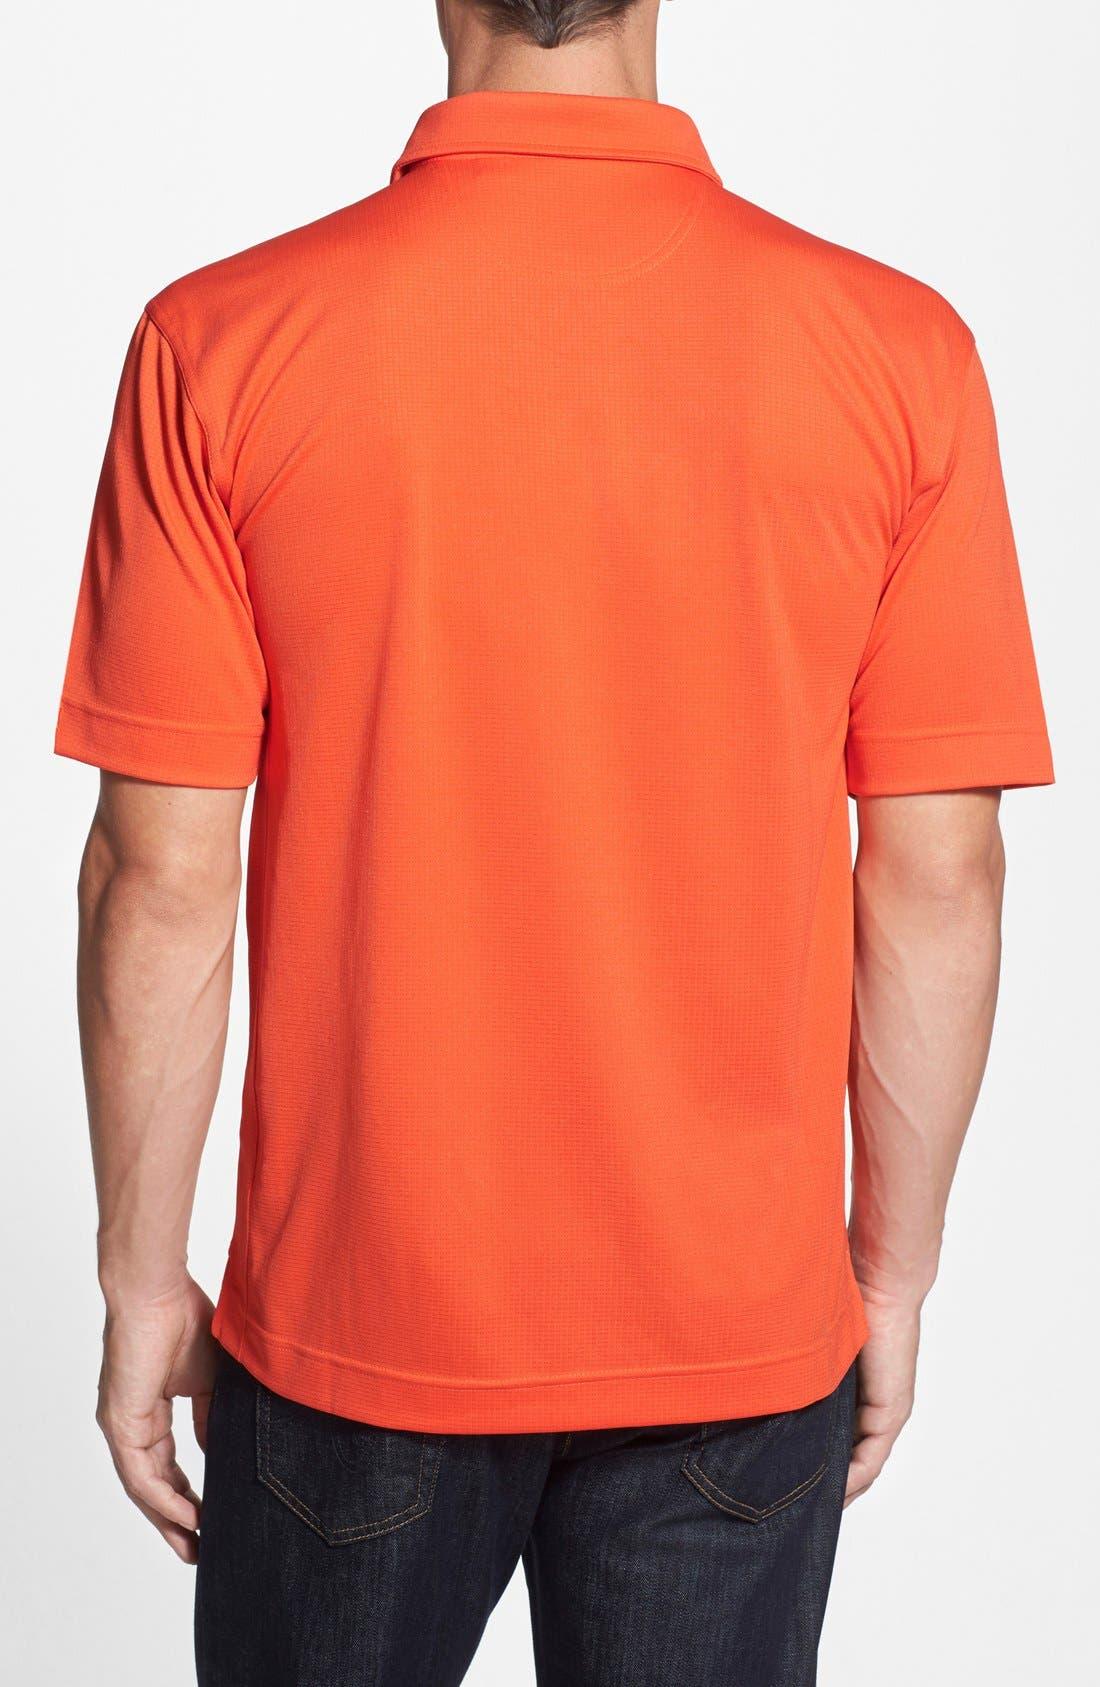 Denver Broncos - Genre DryTec Moisture Wicking Polo,                             Alternate thumbnail 3, color,